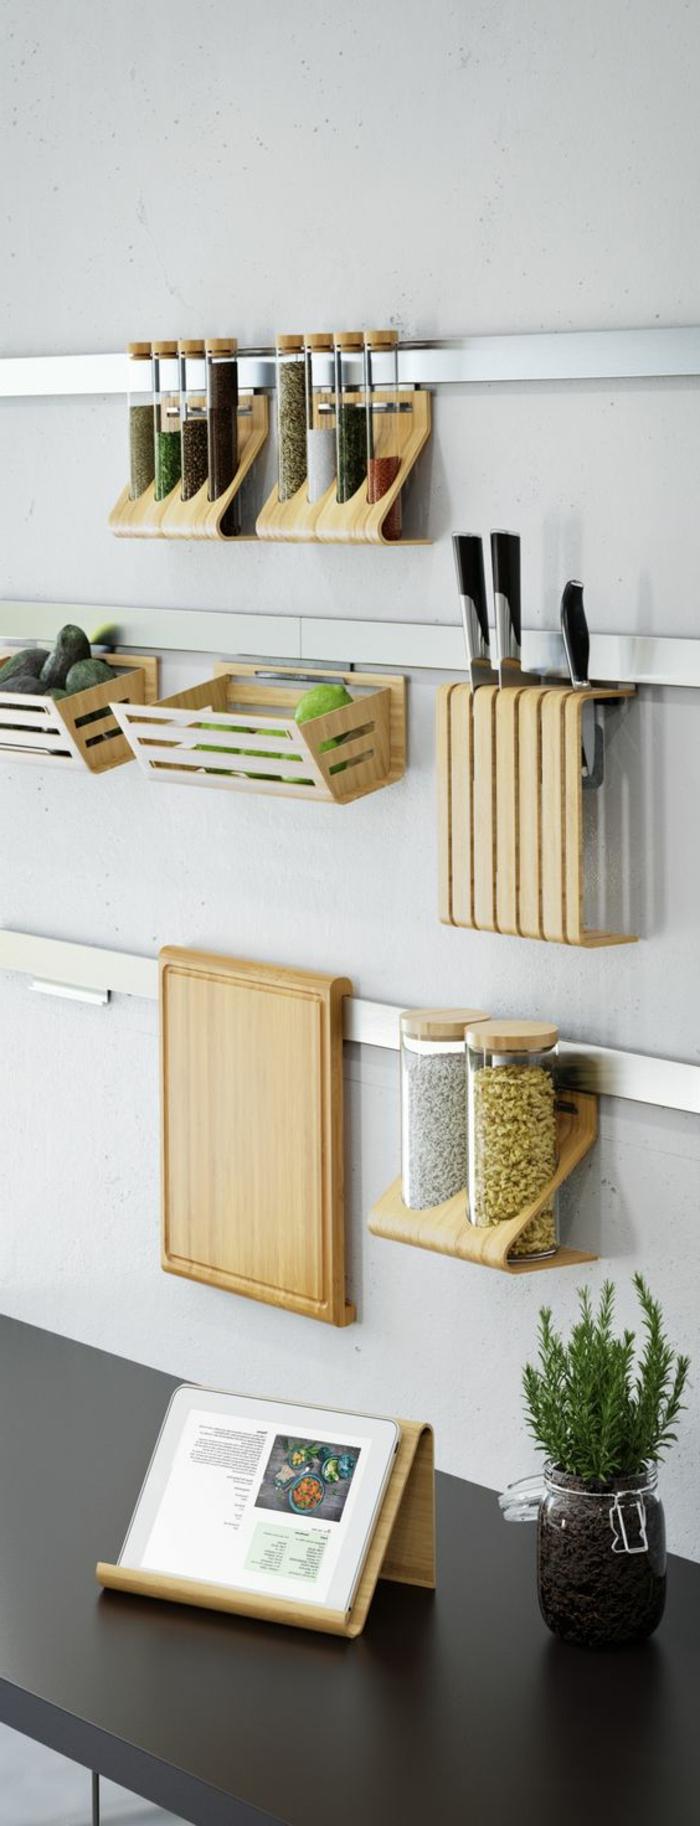 Wandgestaltung Ideen, kleine angehängte Regale aus Holz für Küchenzubehör